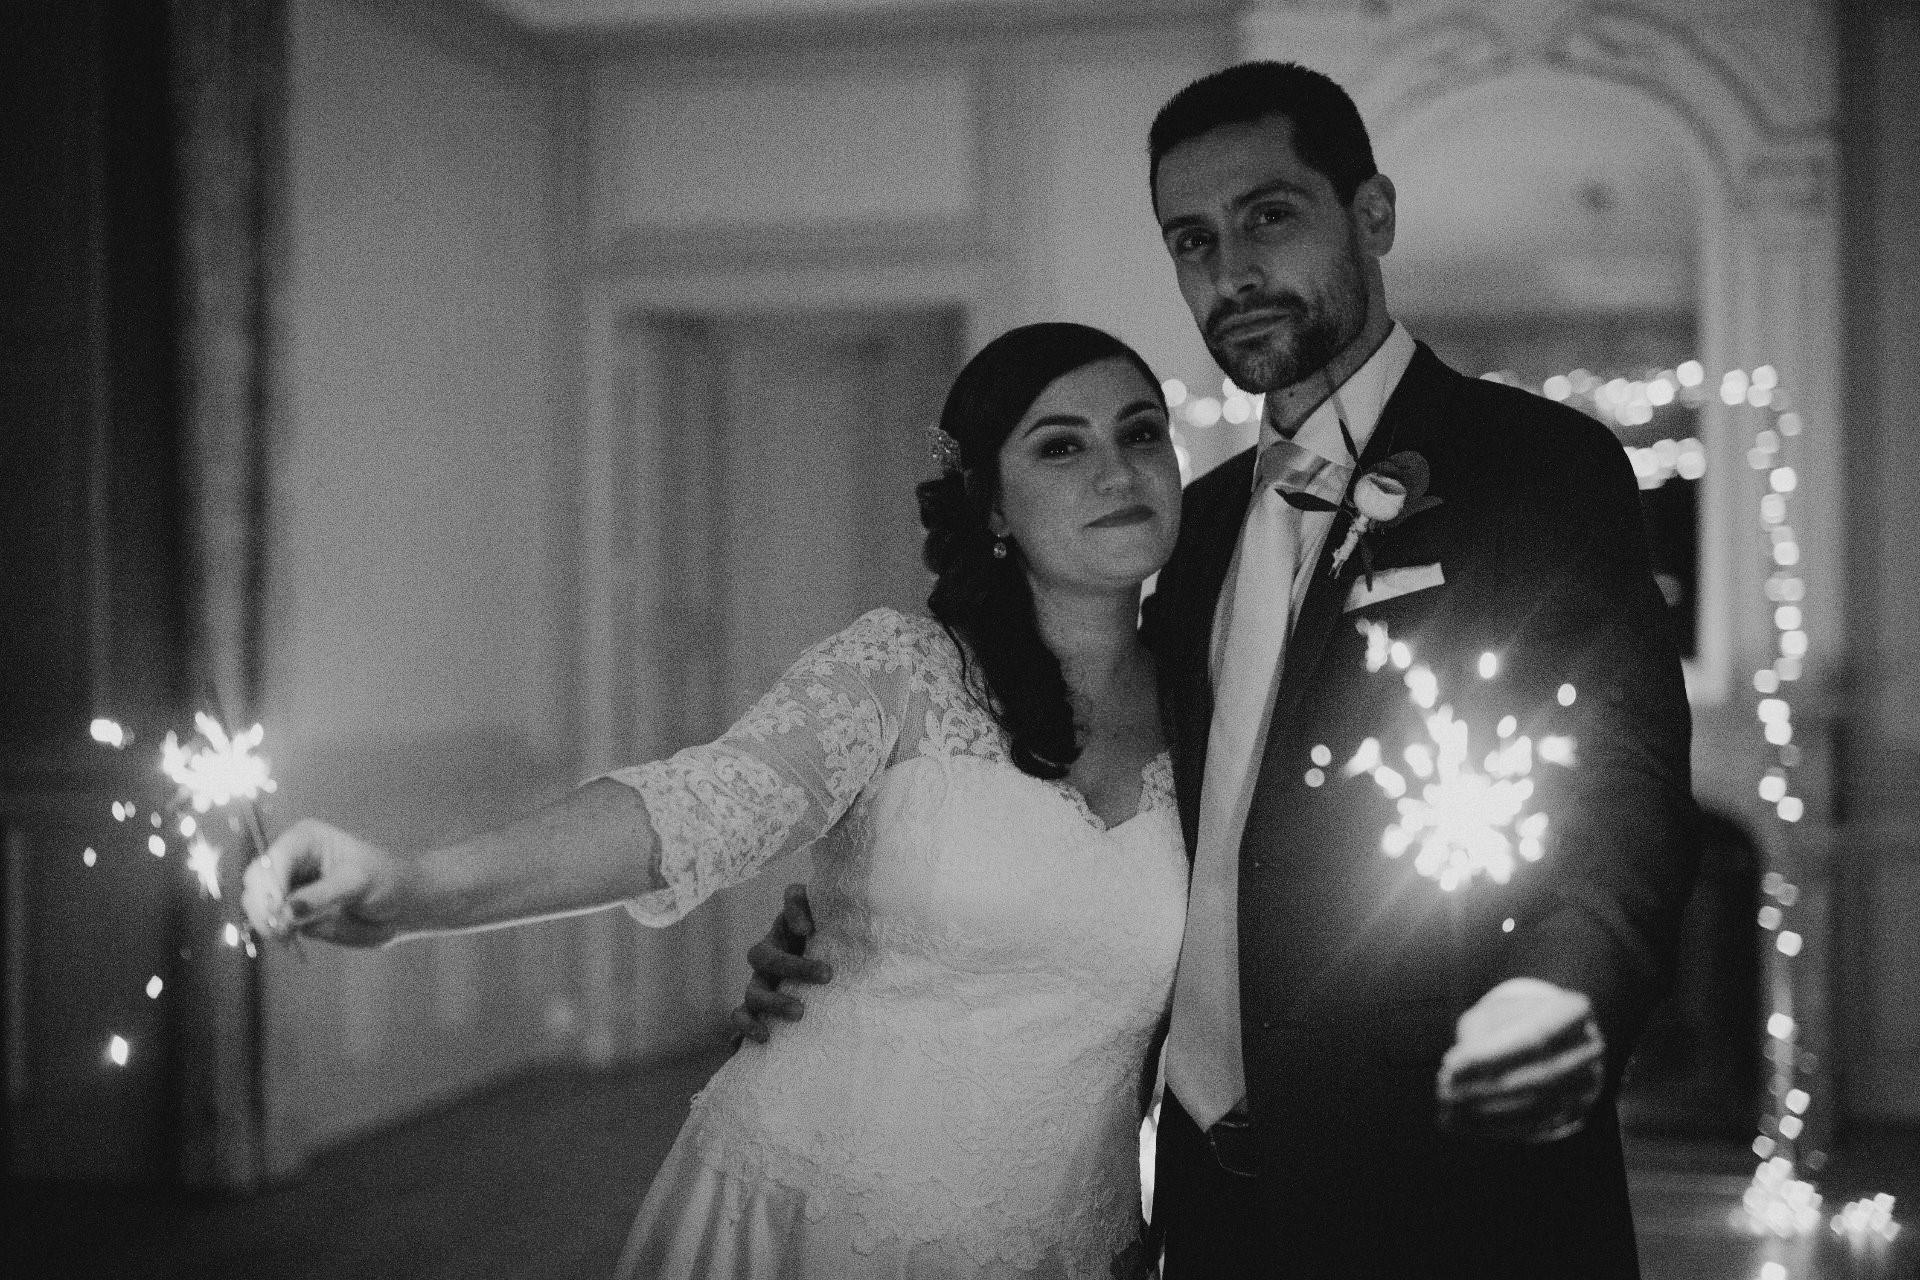 sterenn-officiante-ceremonie-laique-elopement-feux-bengale-nuit noir et blanc